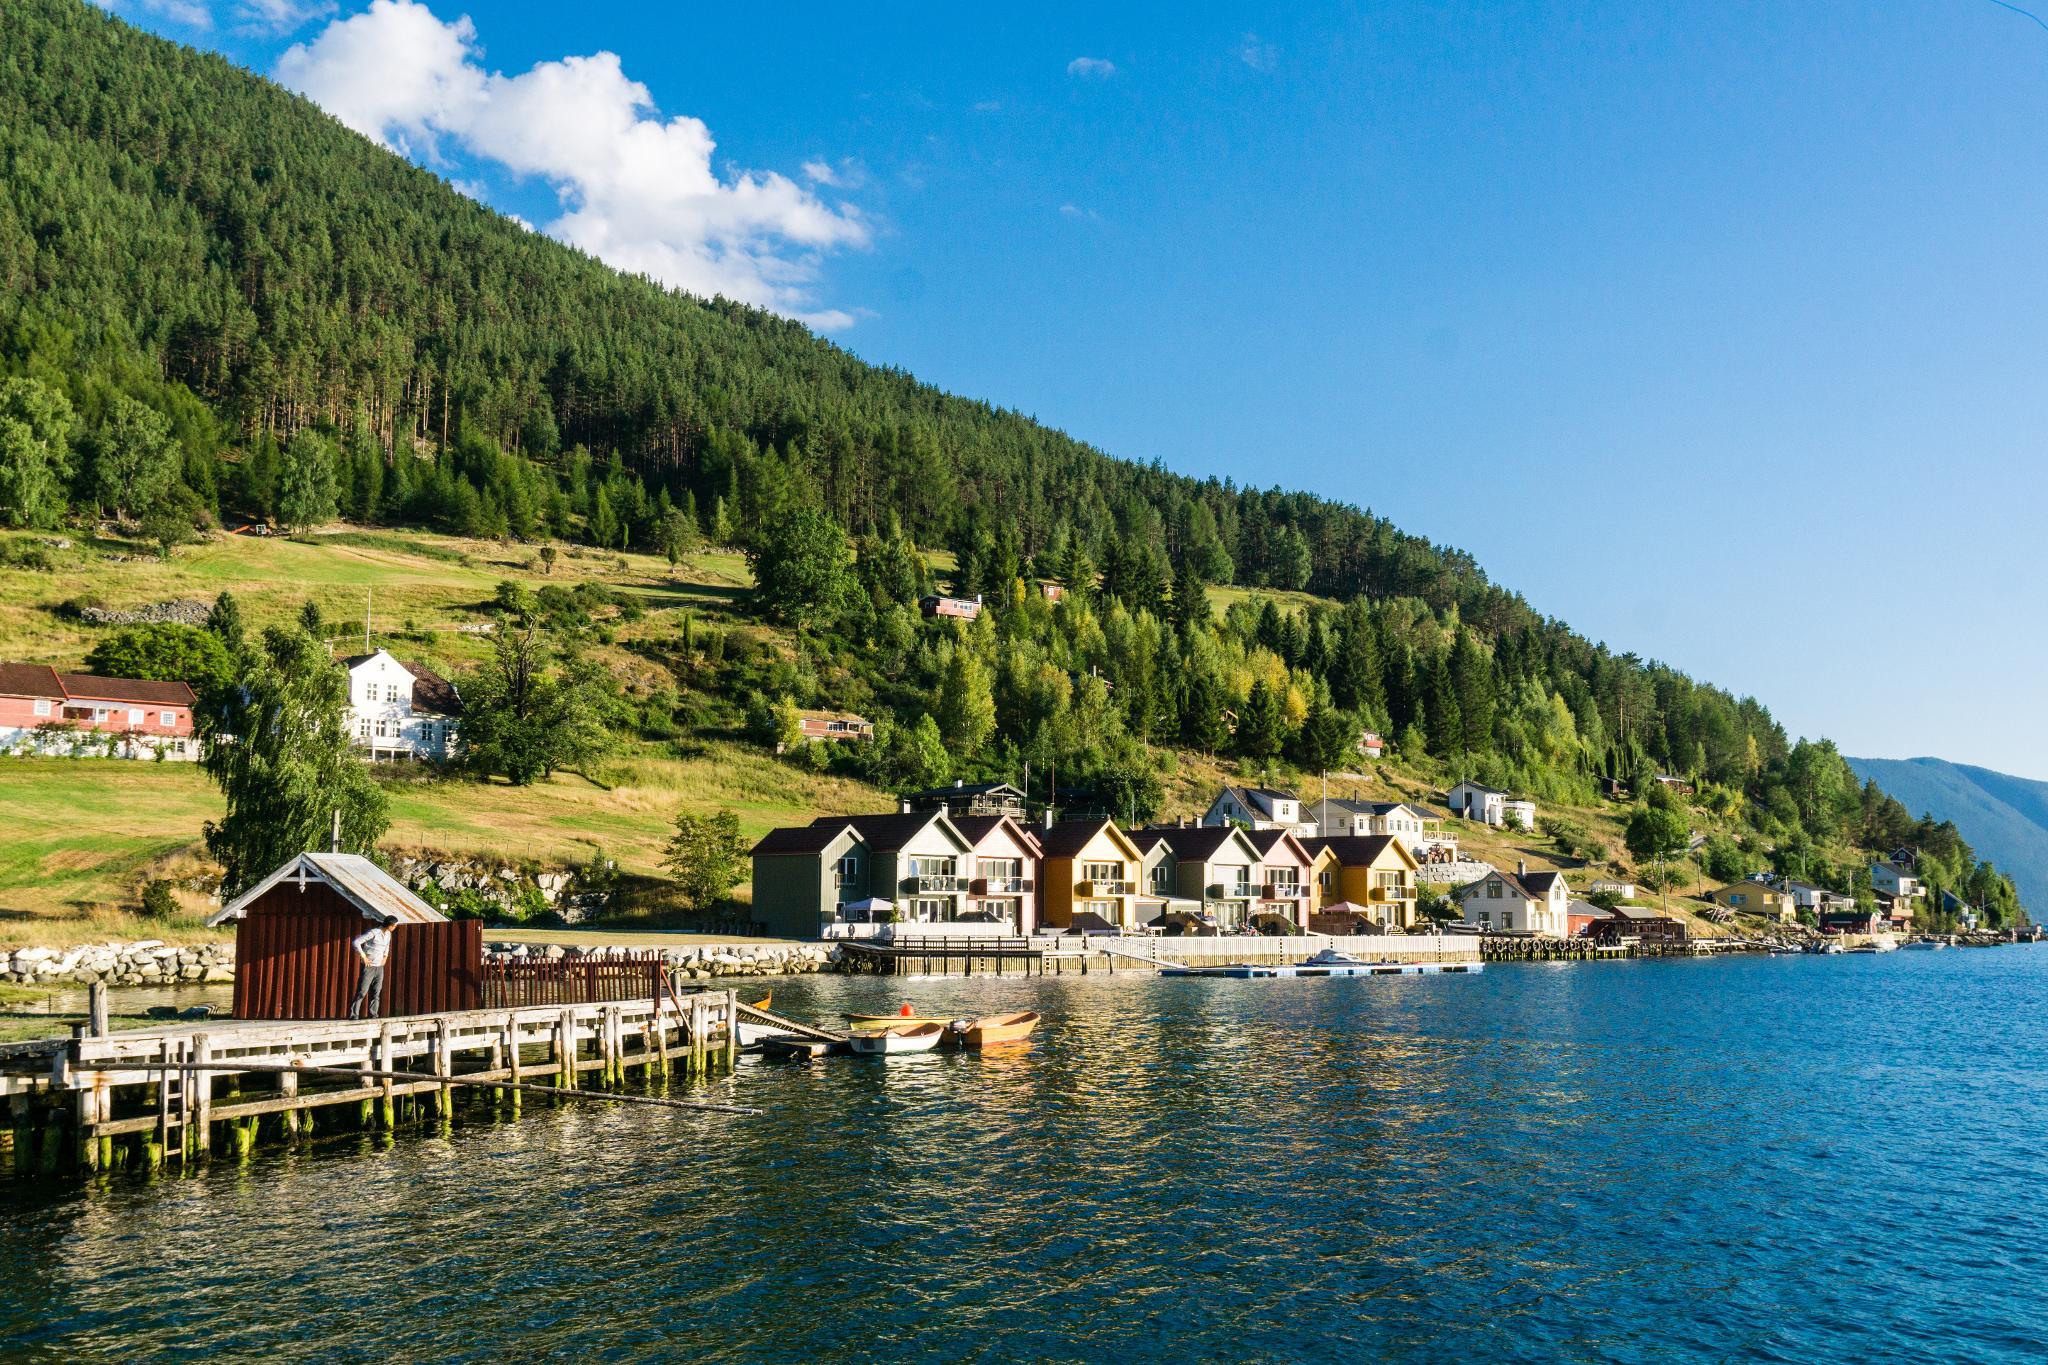 【北歐景點】松恩峽灣的隱藏版絕美景點 - 如詩如畫的Kaupanger小鎮 29